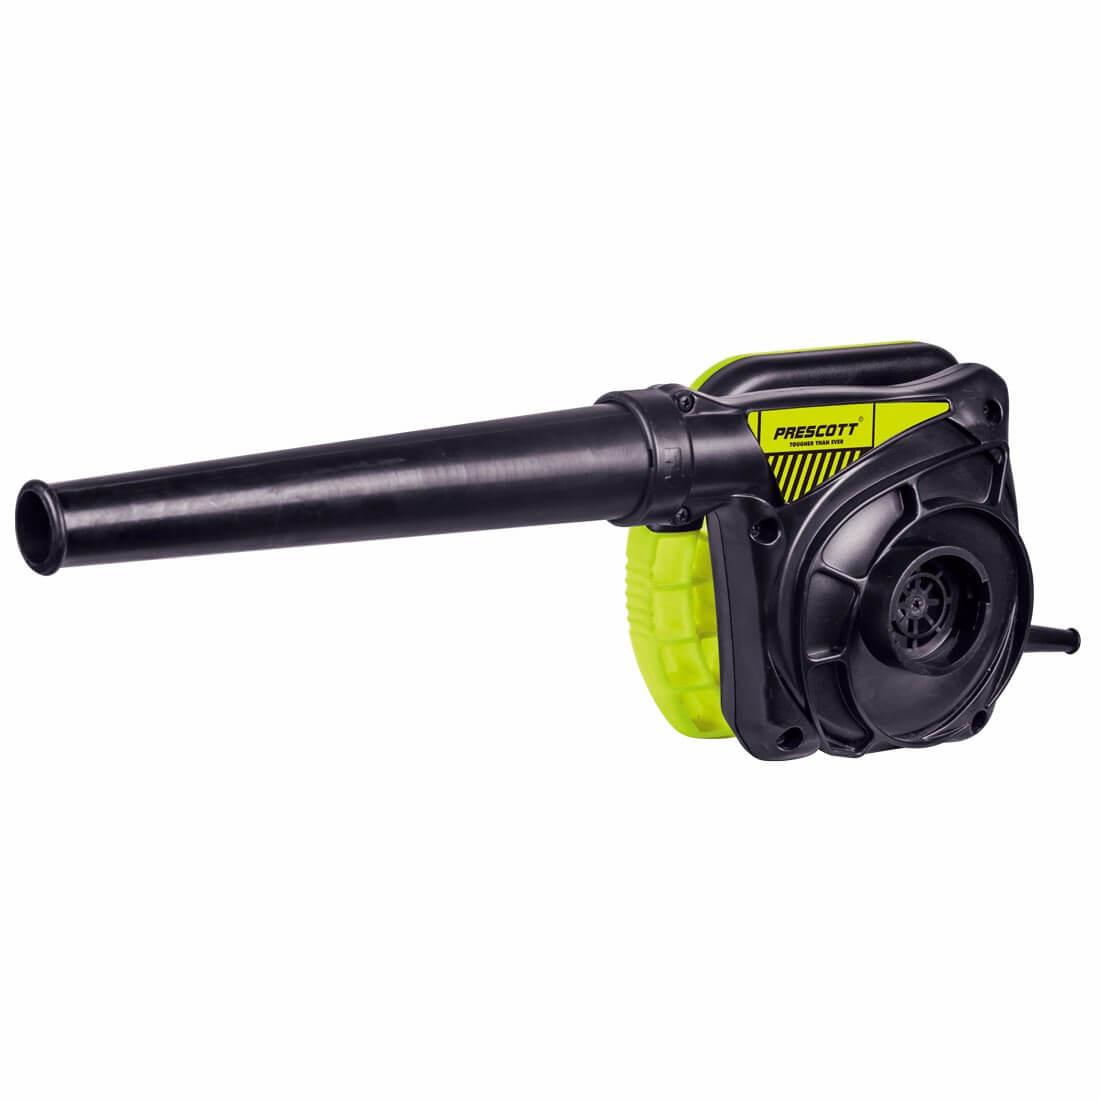 Prescott 650Watt Electric Blower PT2255001